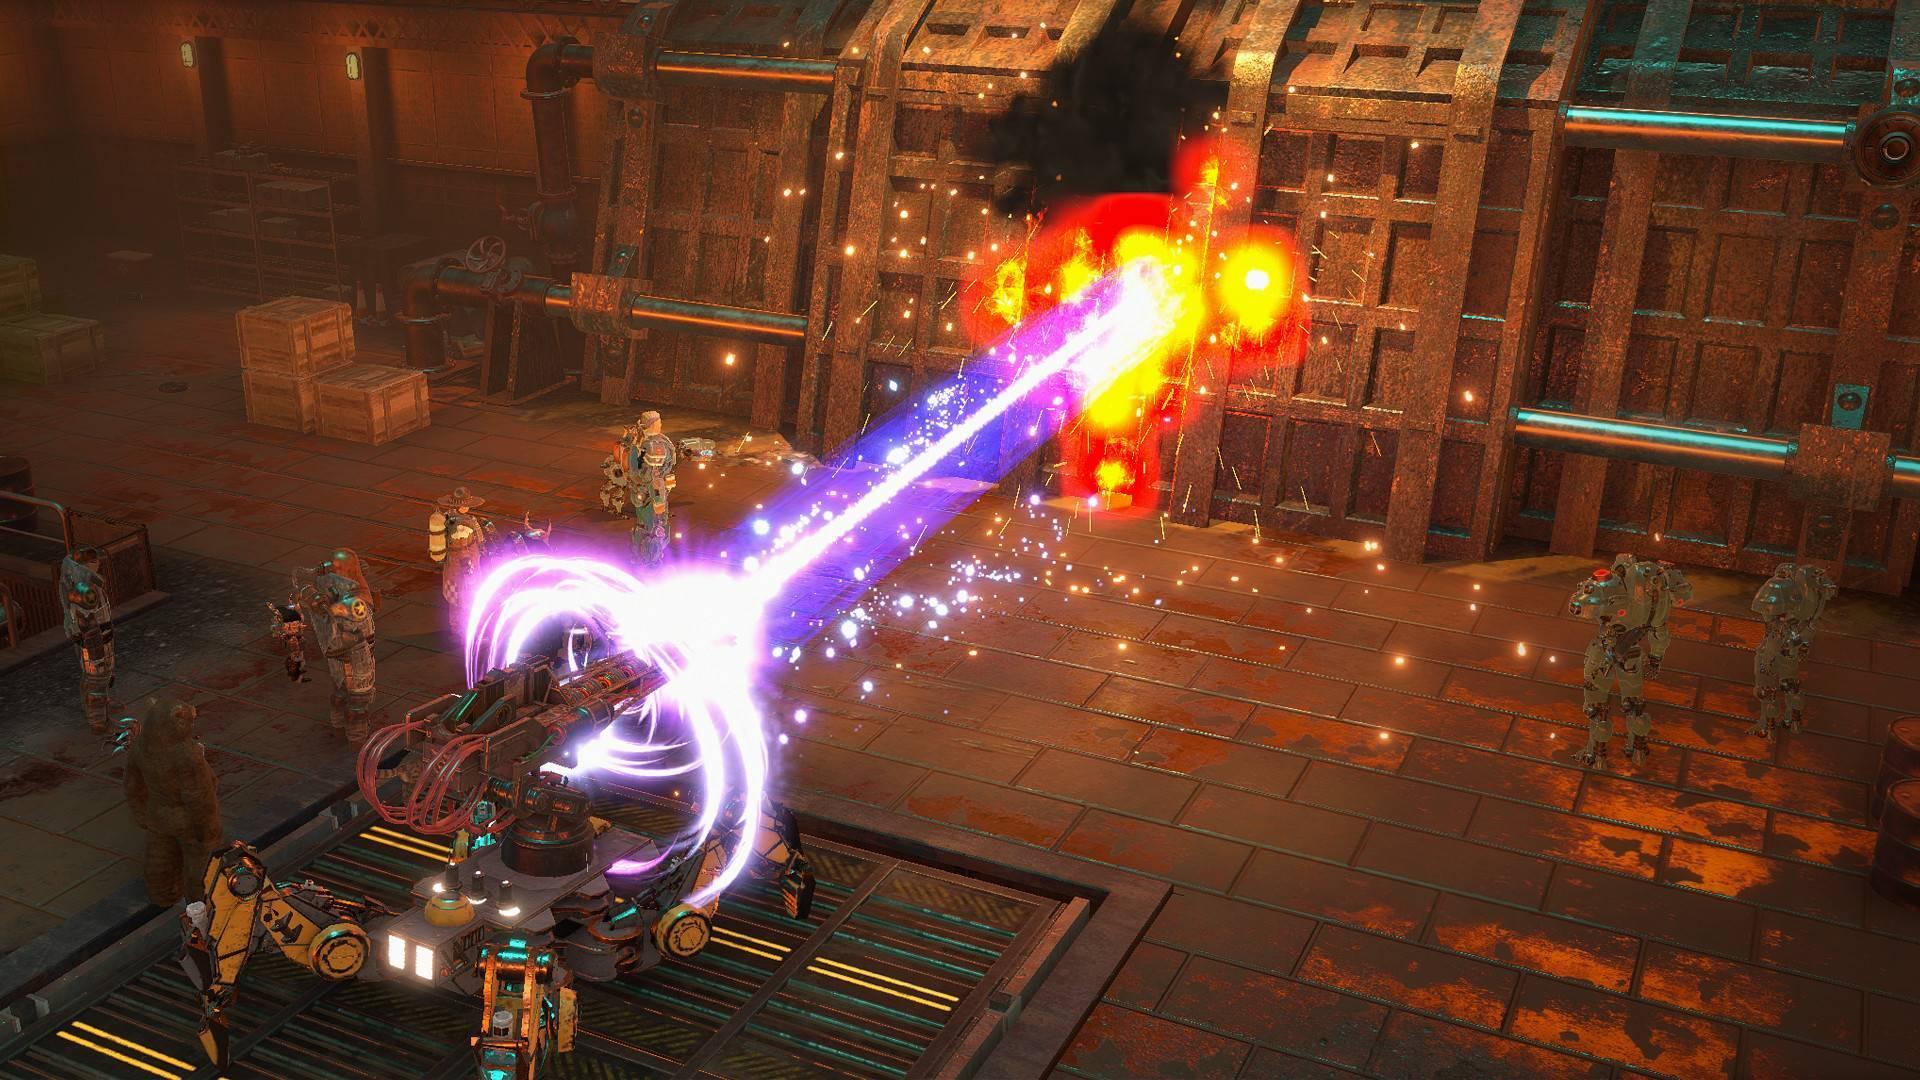 Wasteland 3 The Battle of Steeltown (PC) Key günstig - Preis ab 11,59€ für Steam